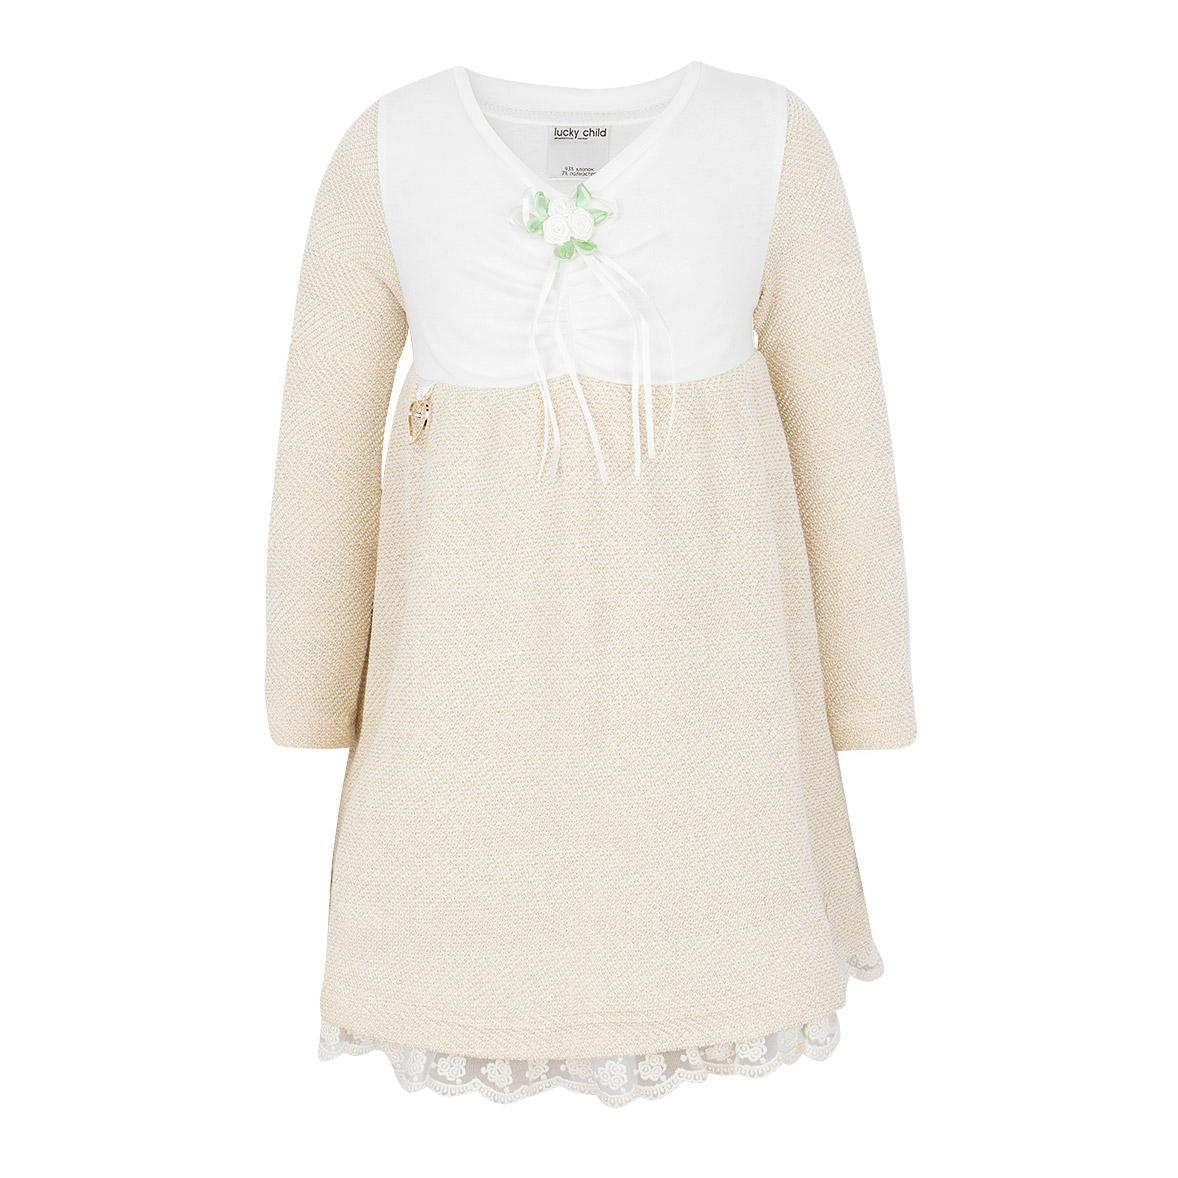 Купить Платье Lucky Child Маленькая леди 122-128, Бежевый, Футер, Для девочек, Осень-Зима,